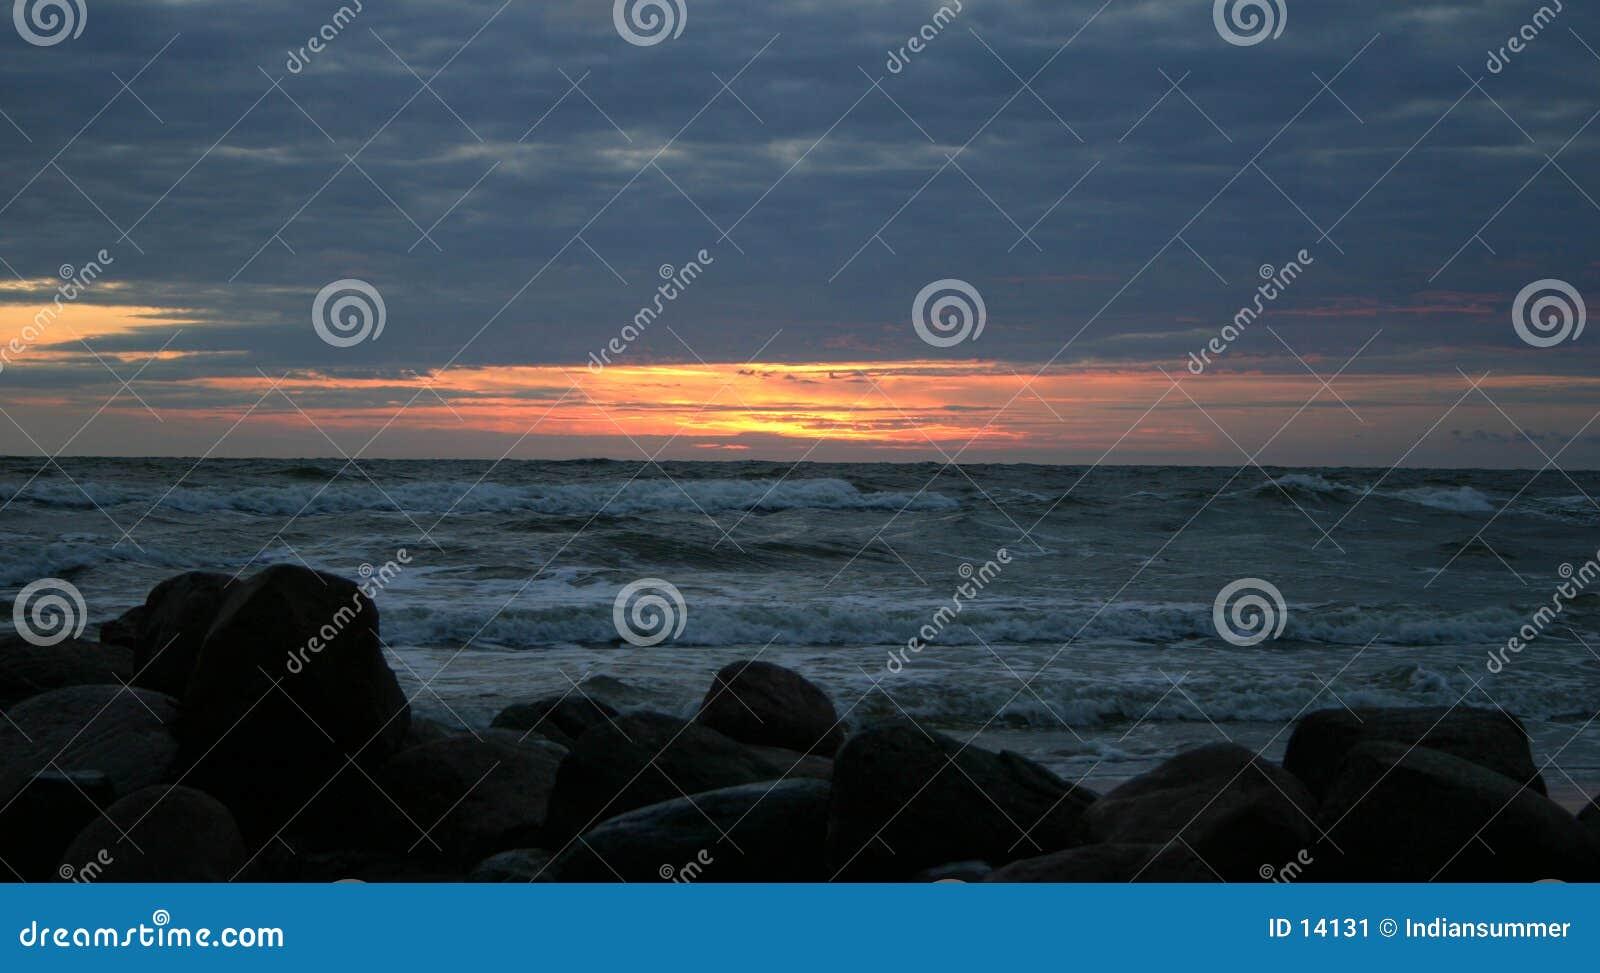 Tarde por el mar IV